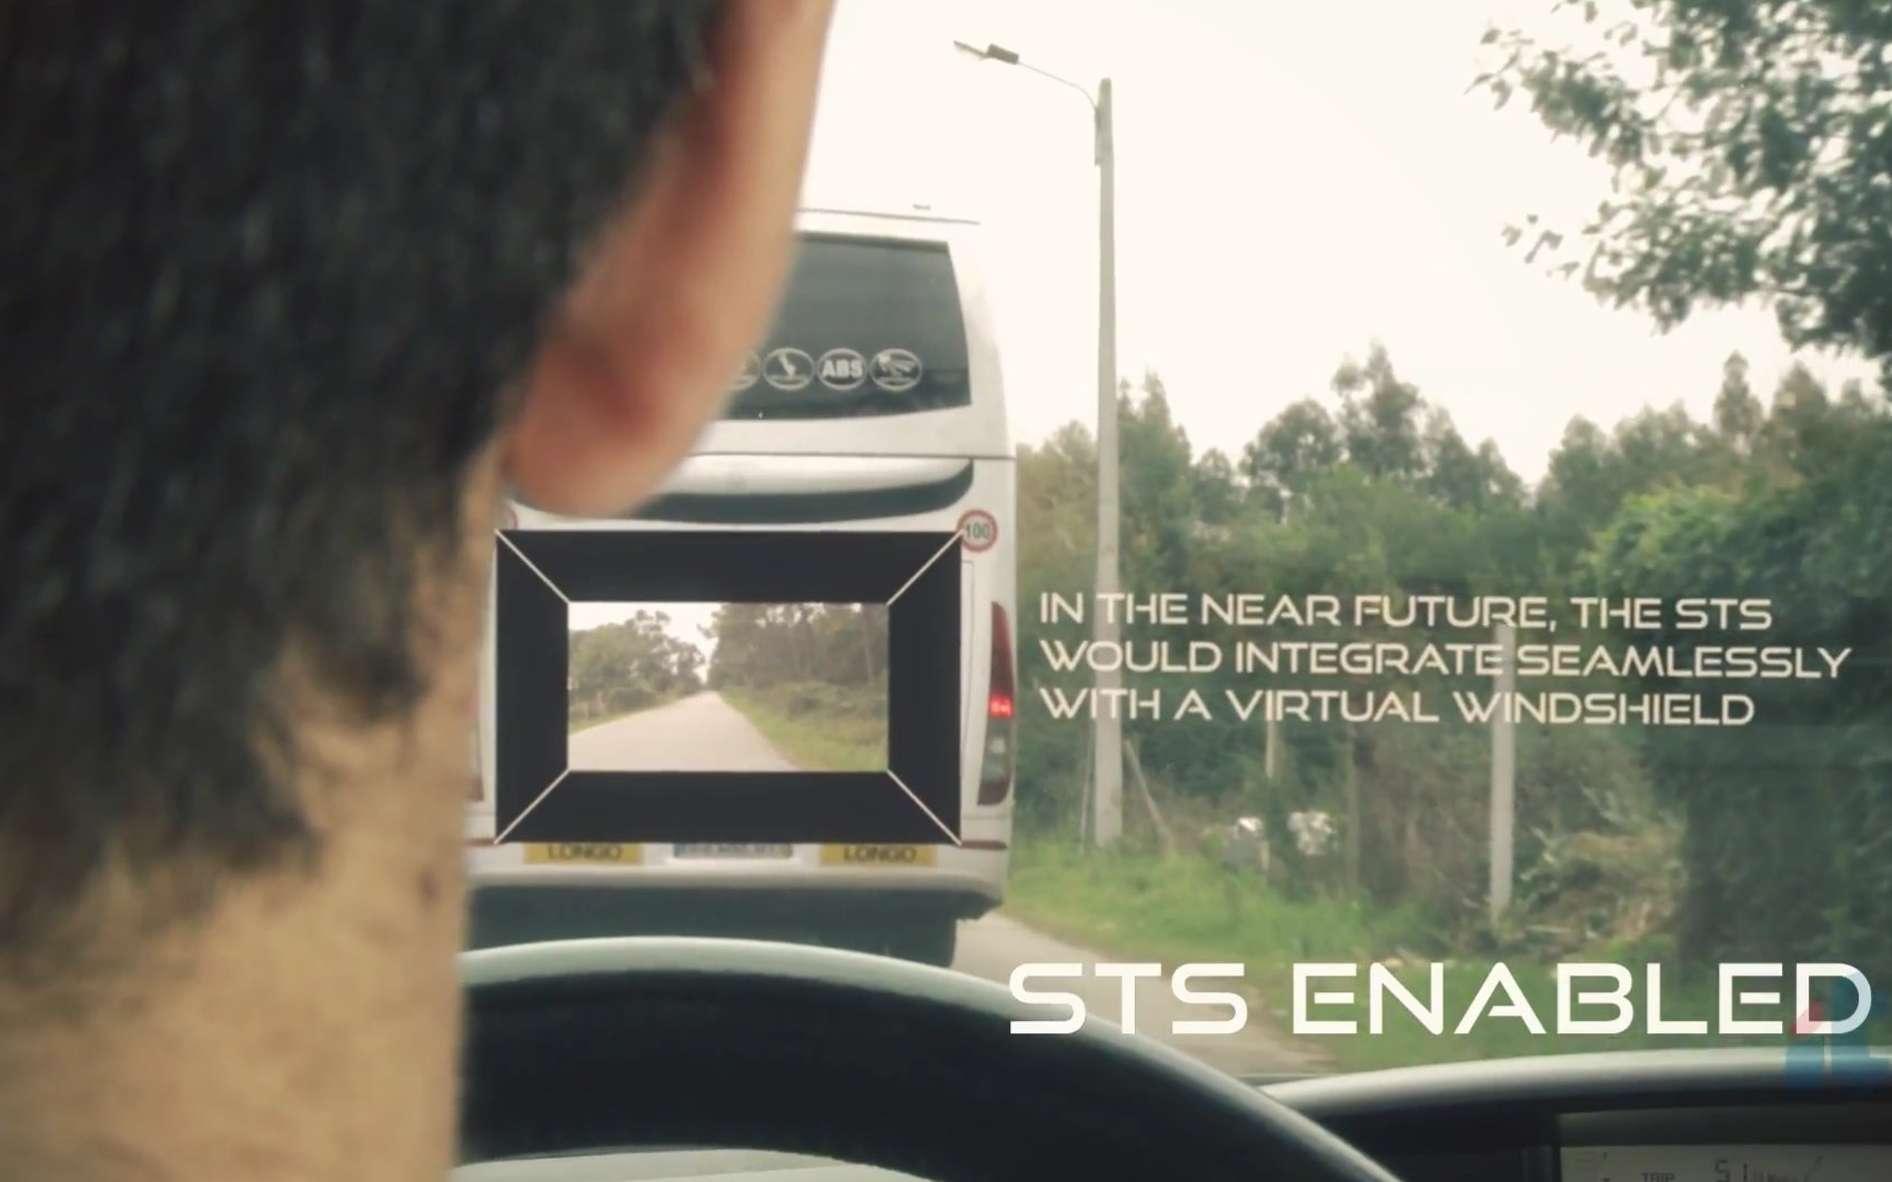 Cette capture d'image est issue d'un essai réalisé en conditions réelles par les chercheurs de l'université de Porto. Le système STS est enclenché (STS enabled). Grâce à un affichage tête haute projeté sur le parebrise, le conducteur regarde à travers le bus qu'il veut doubler, grâce à une caméra placée à l'avant de ce dernier. Il peut ainsi voir si la route est dégagée pour envisager le dépassement. La connexion entre la voiture et le bus s'effectue automatiquement via le protocole de communication sans fil 802.11p. La légende de l'image indique que dans un « futur proche, le STS serait intégré de façon transparente dans un parebrise virtuel ». © Université de Porto, YouTube